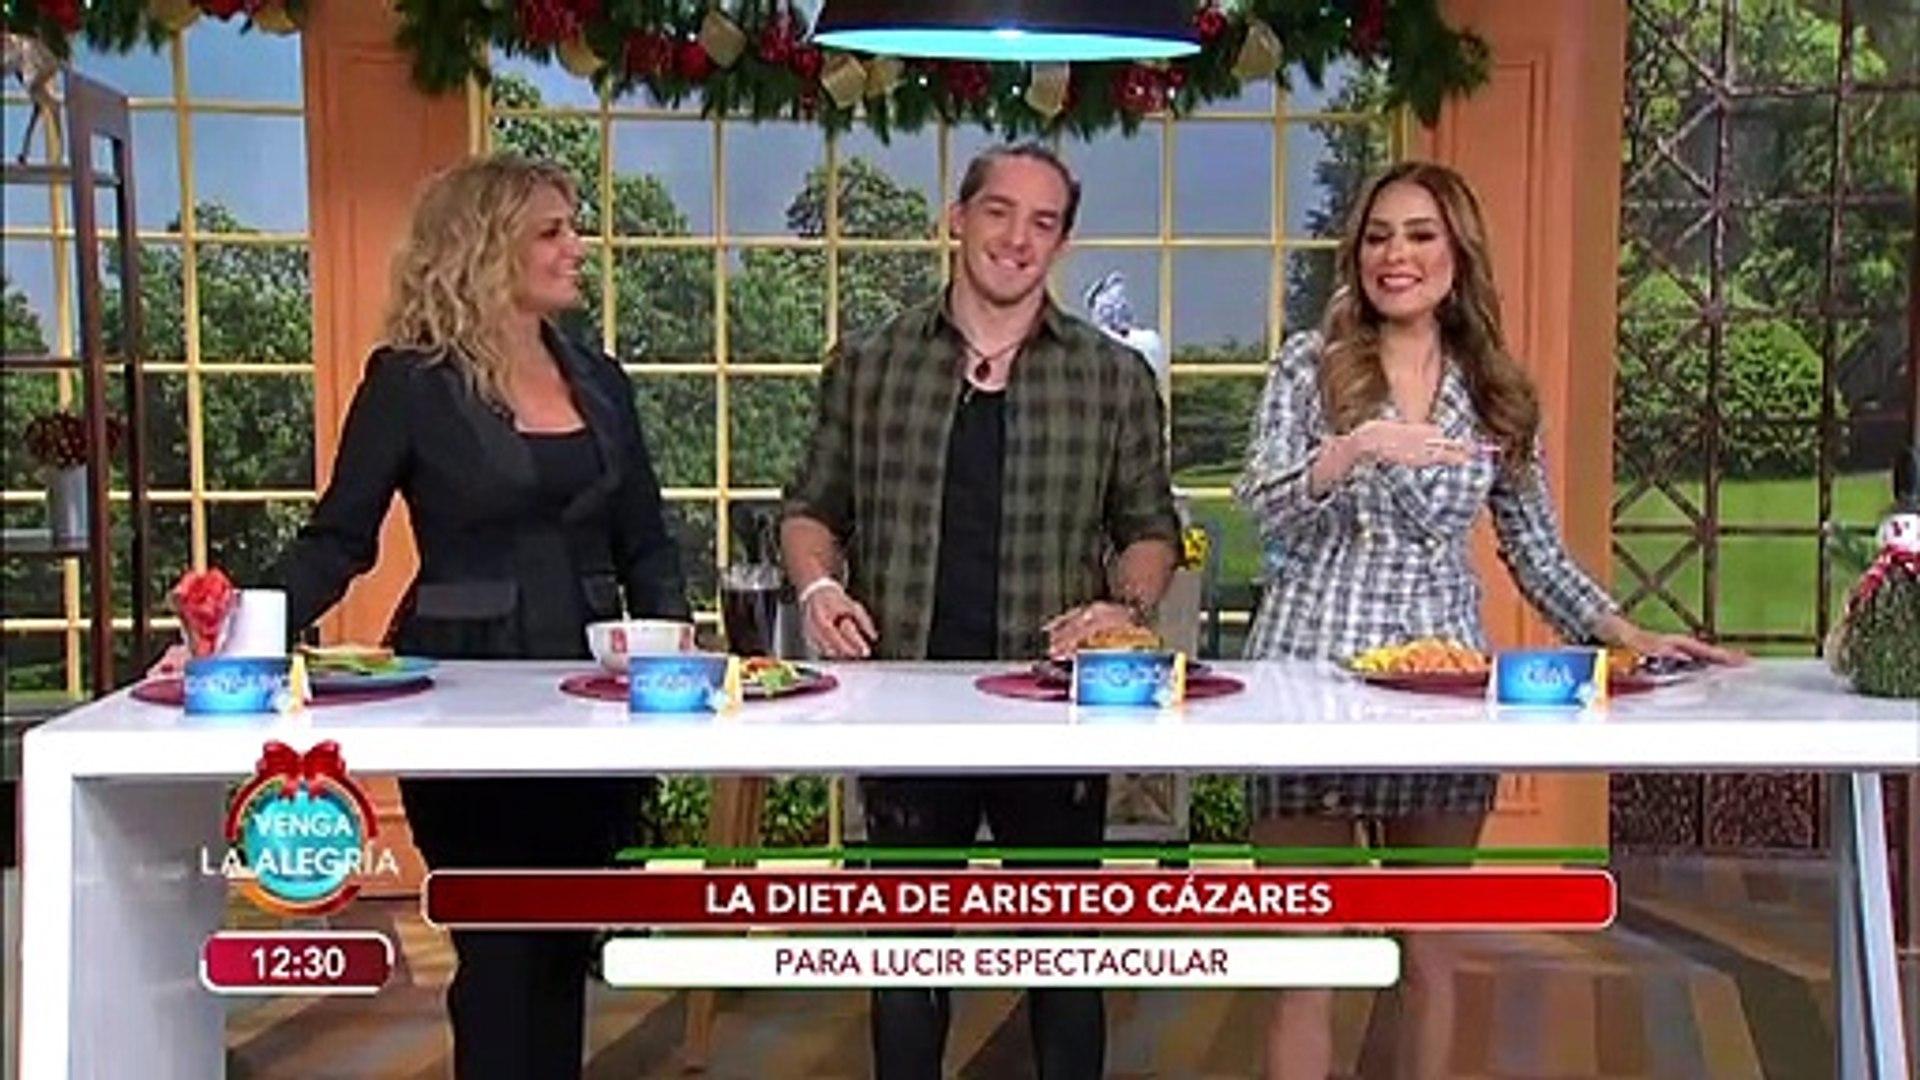 ¡Aristeo Cázares nos revela su dieta con la que mantiene ese cuerpo de concurso! | Venga La Alegría